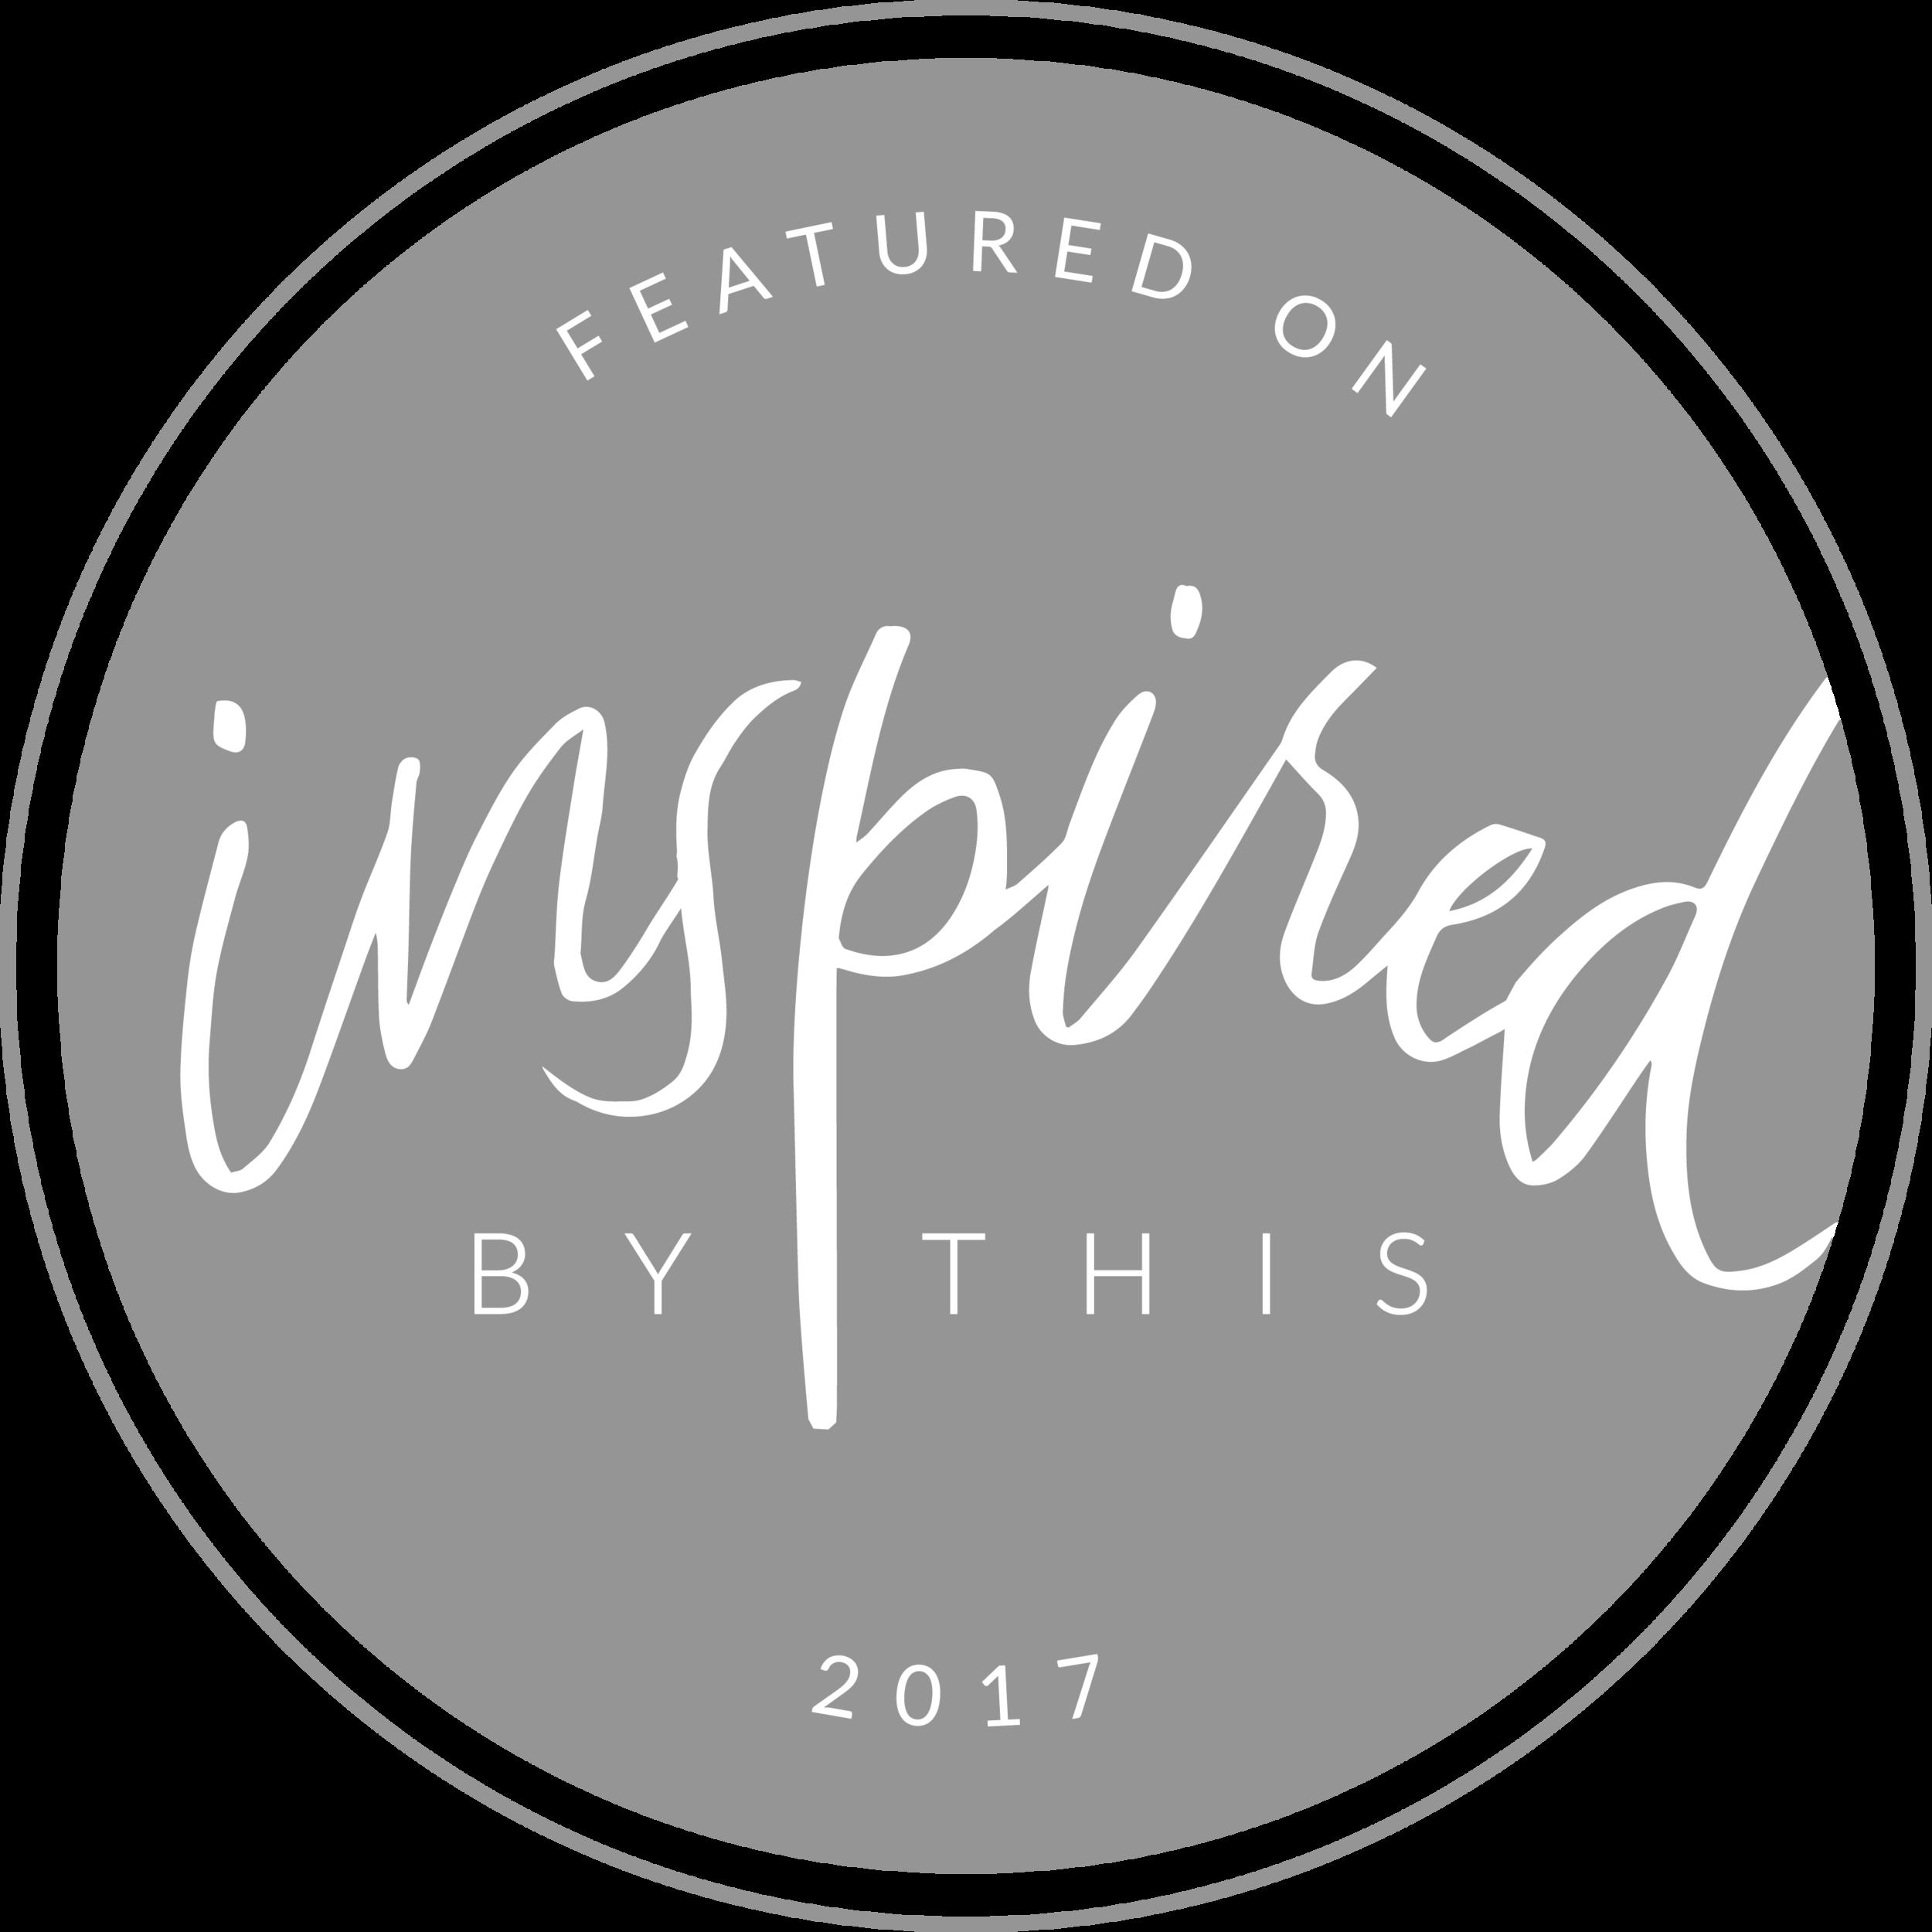 IBT_Badge2017_Gray_RGB.png